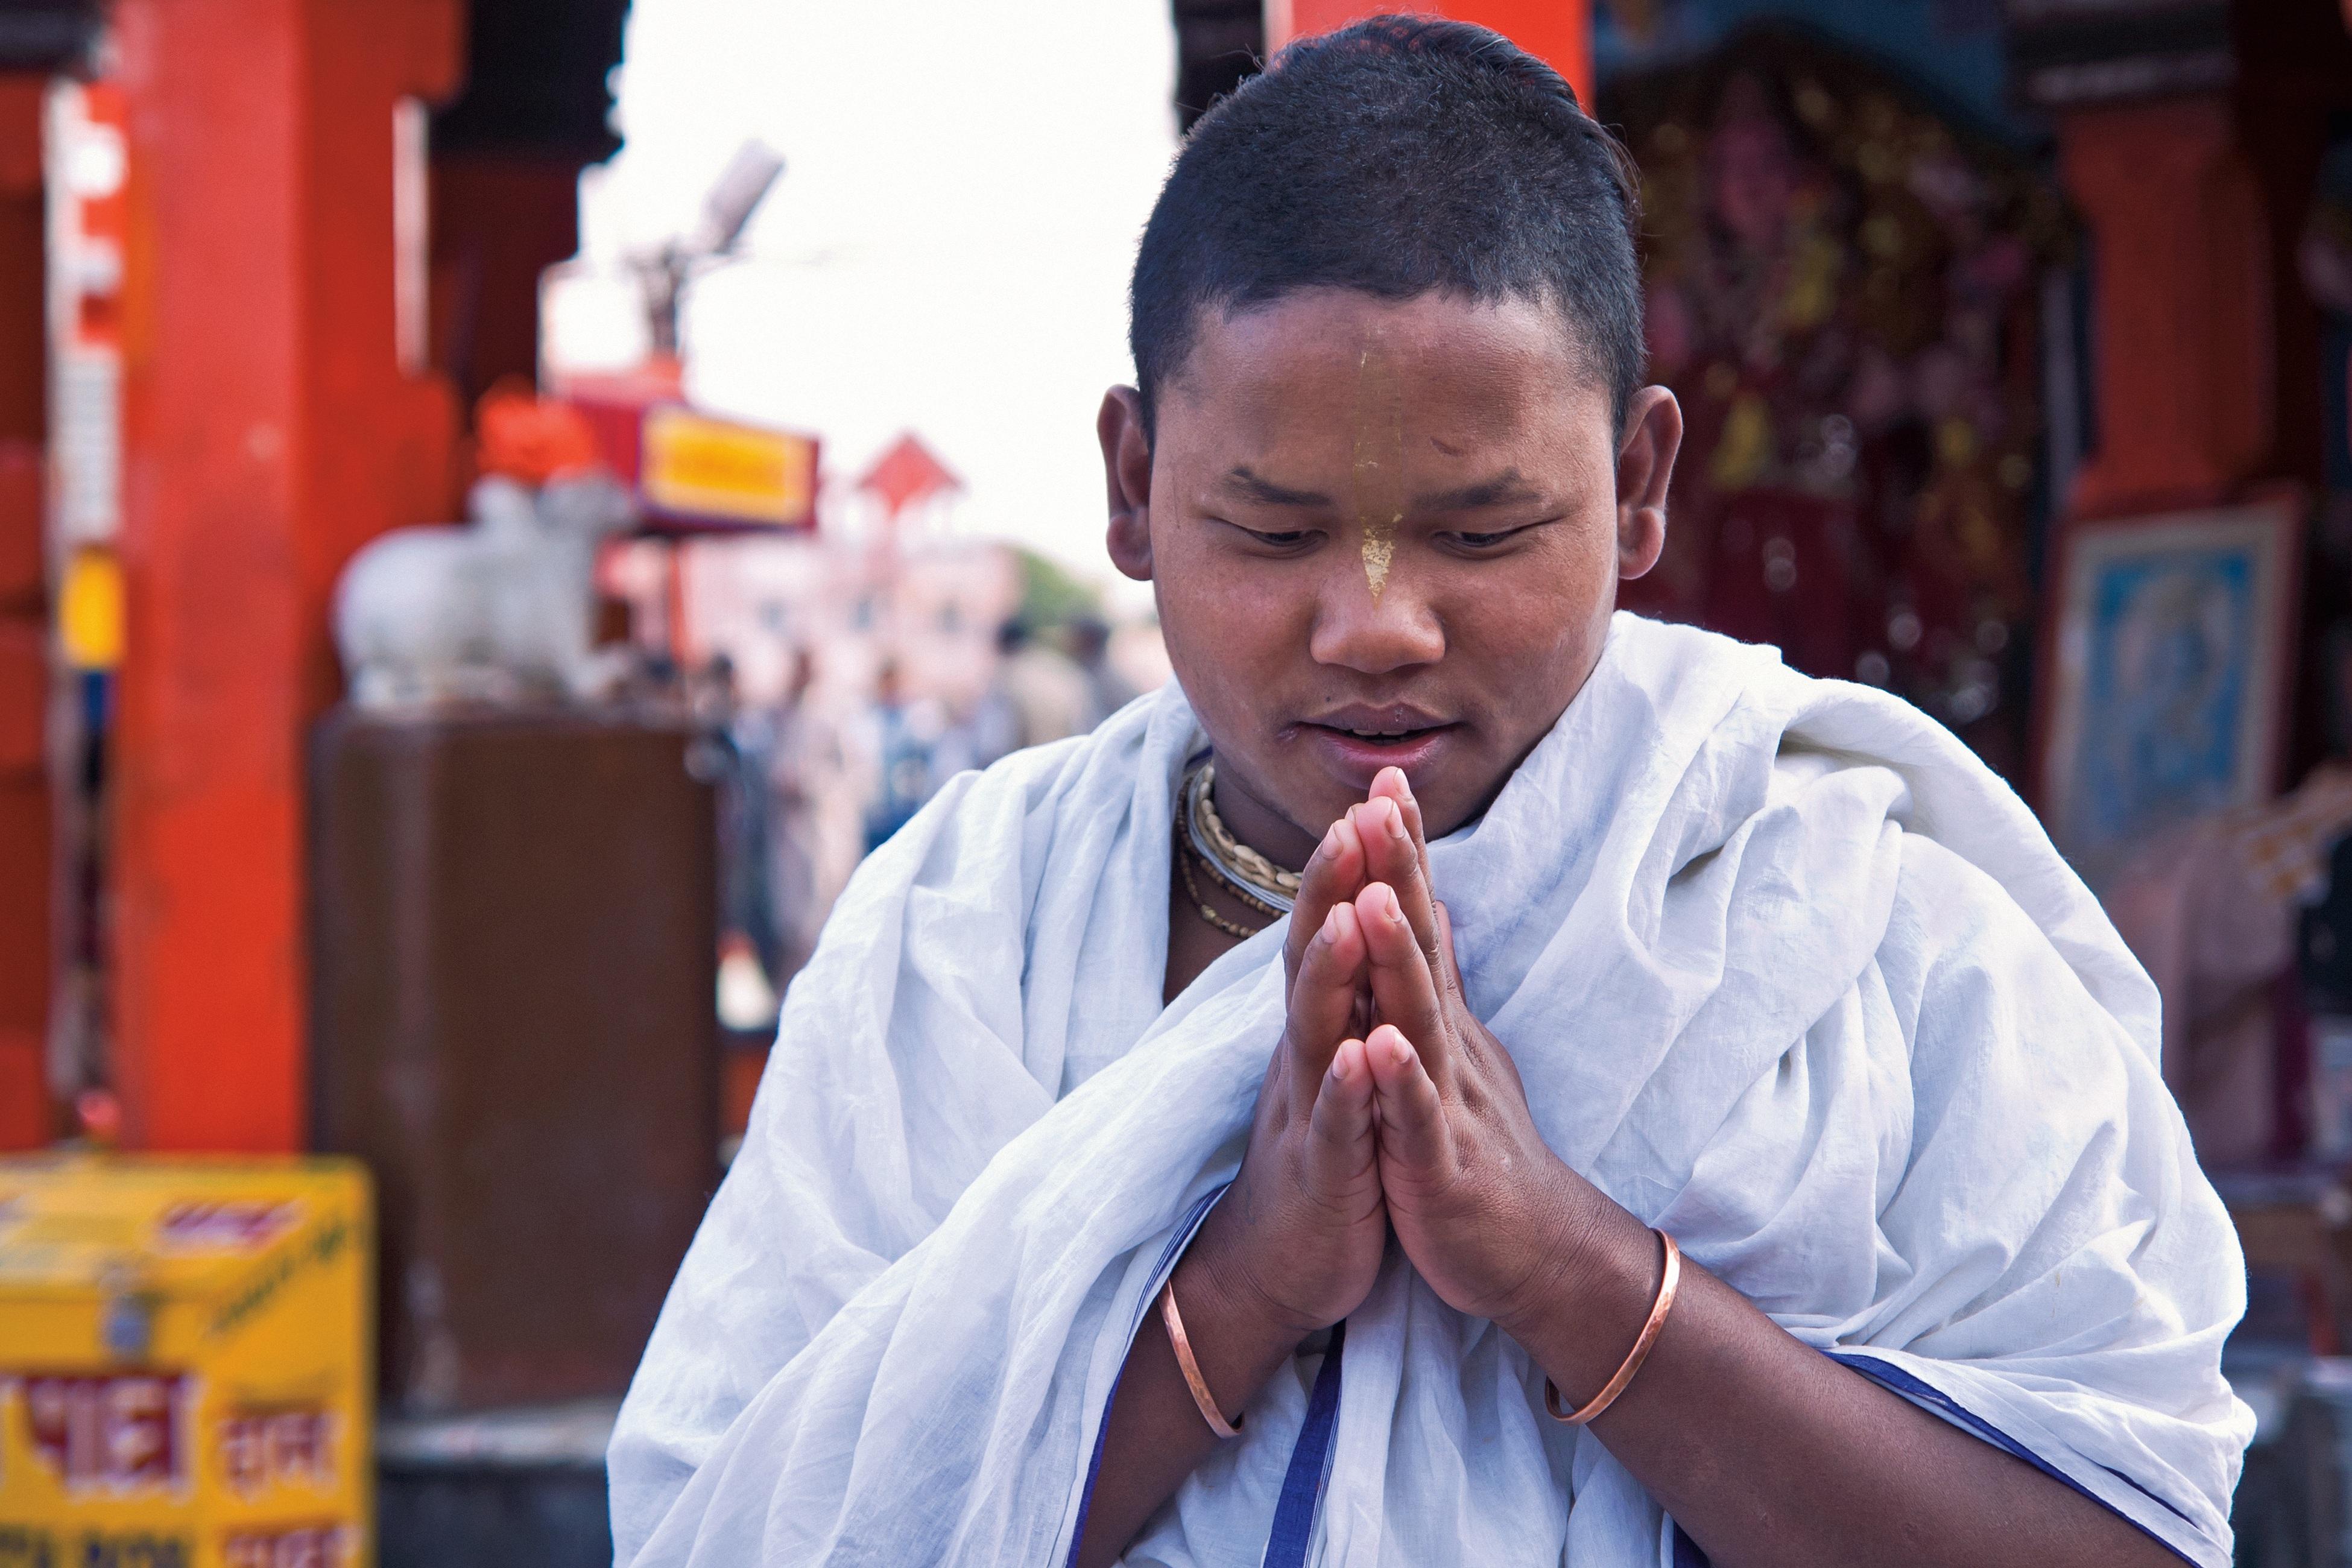 Images gratuites main la personne gar on enfant asiatique portrait paix moine religion - Personne qui repare les cheminees ...